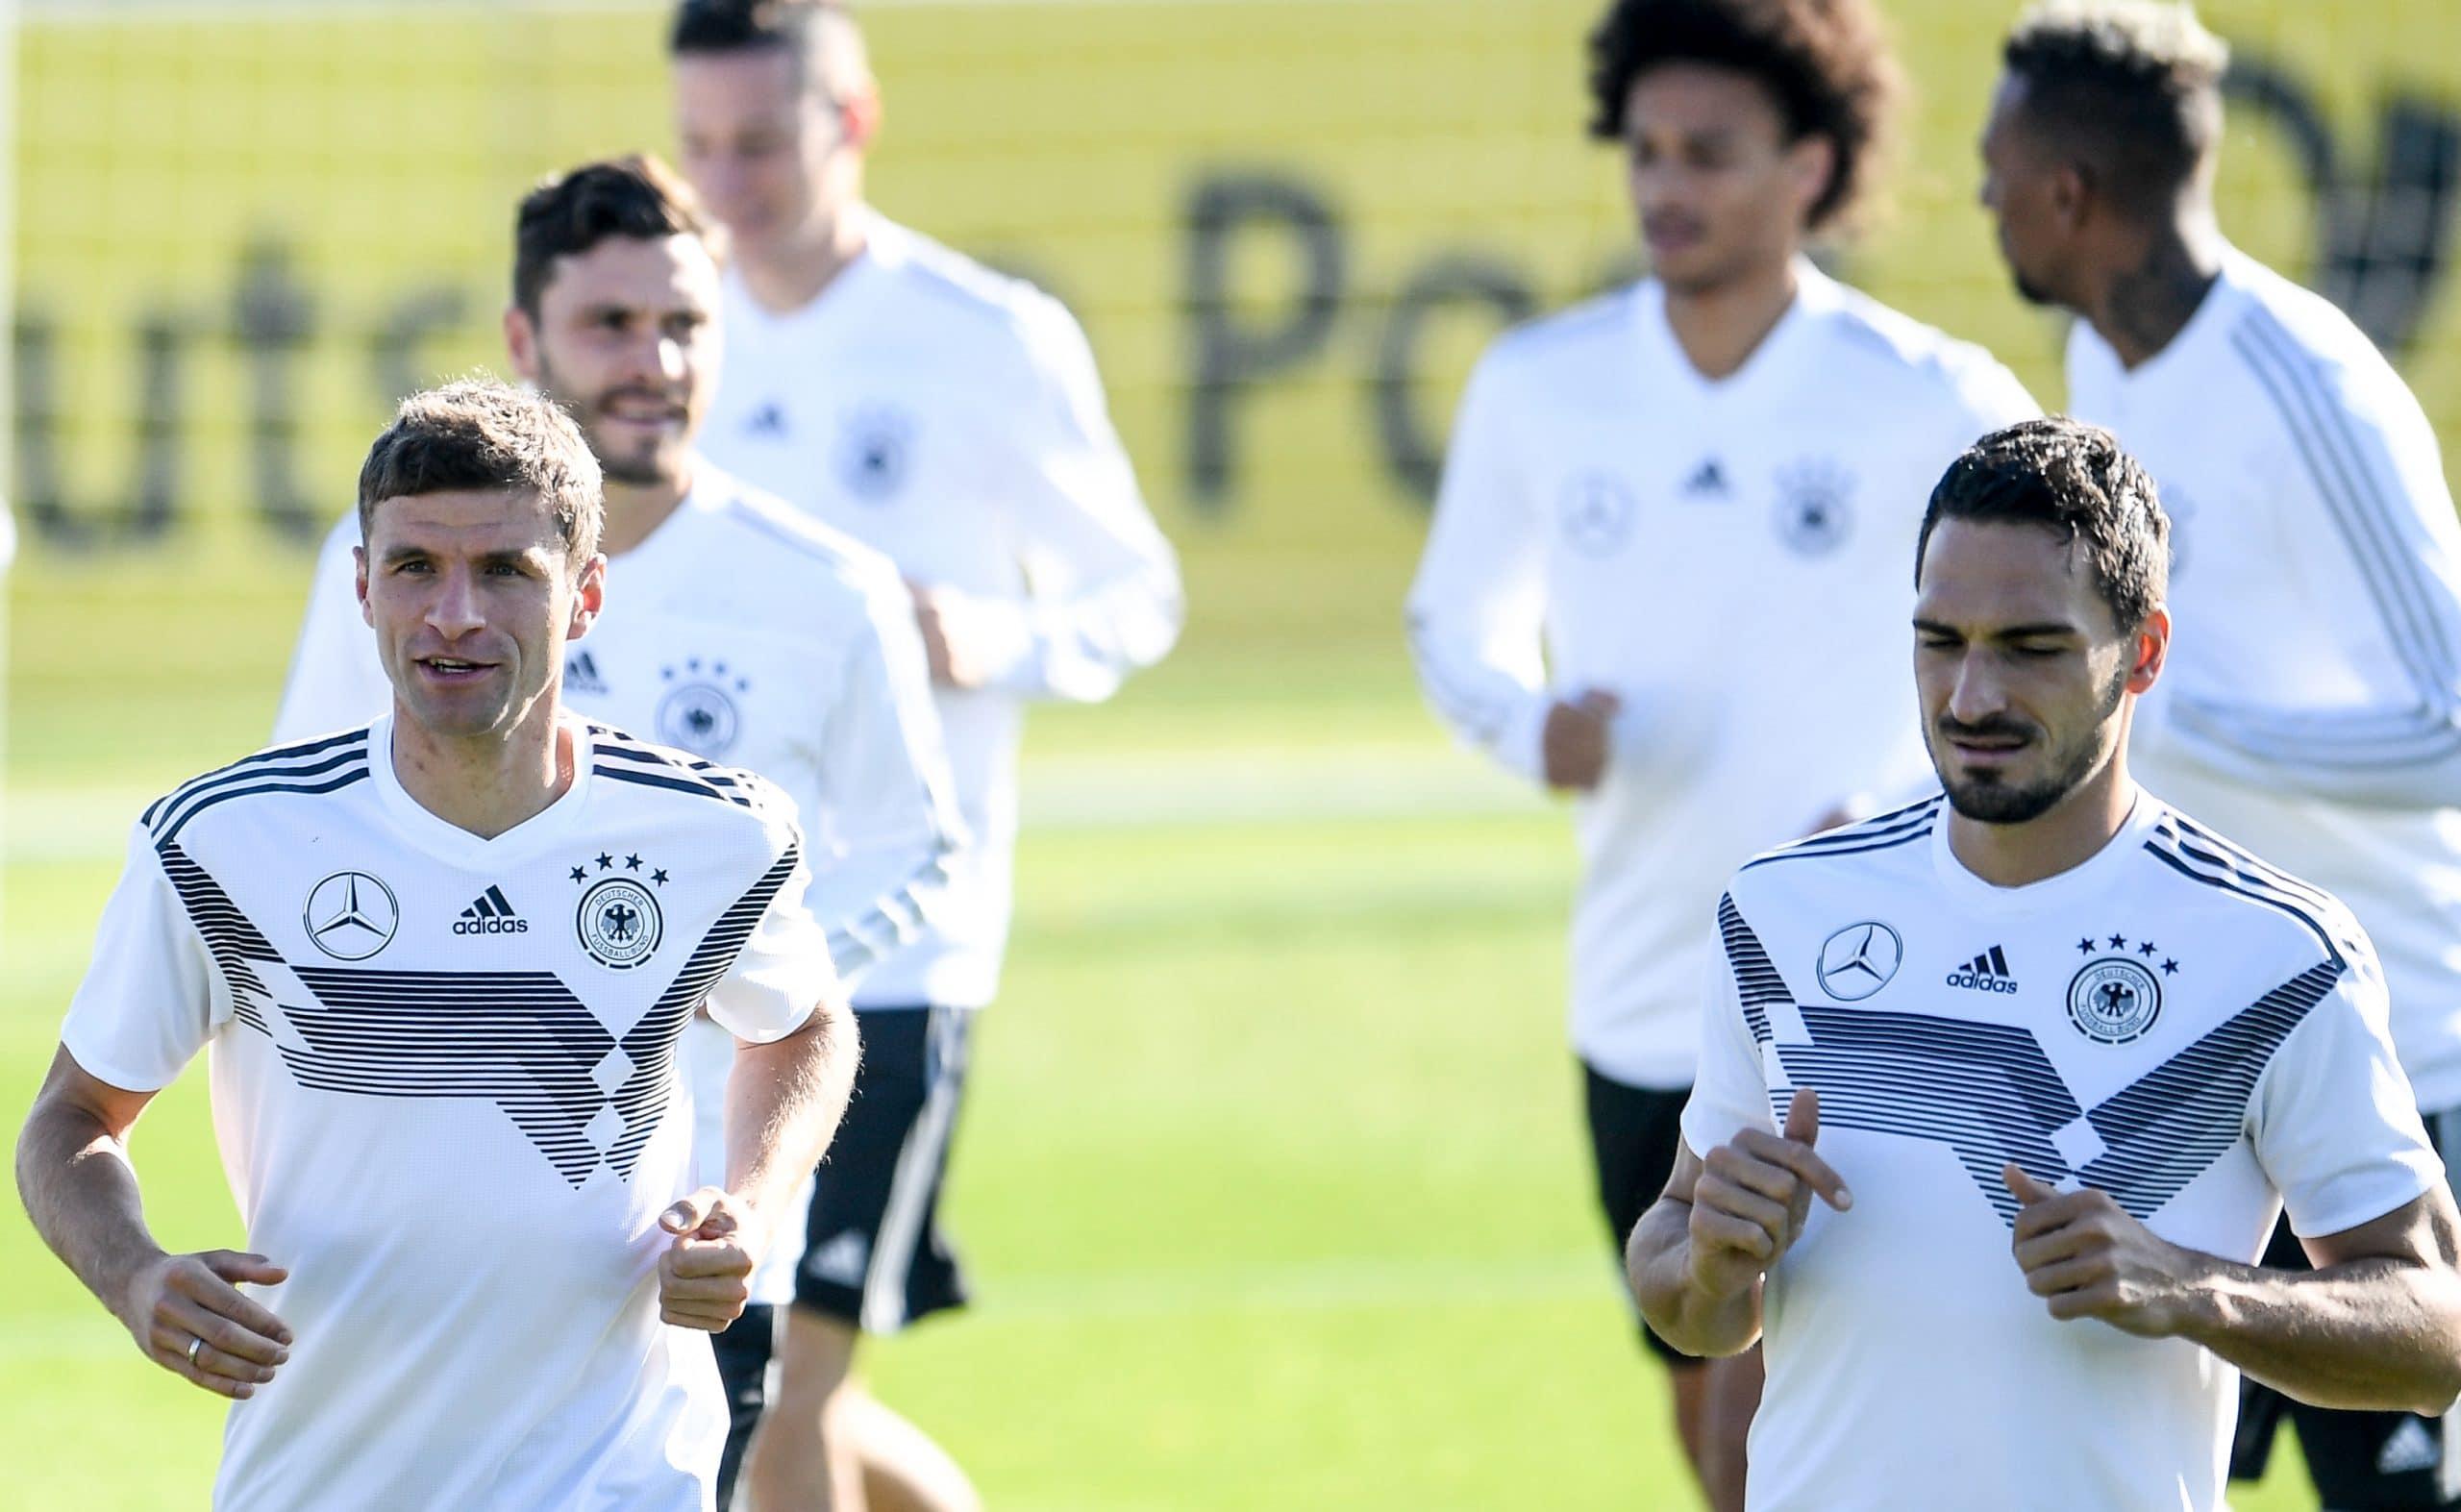 EURO 2020: Nemci bez velikih očekivanja pred EP 1